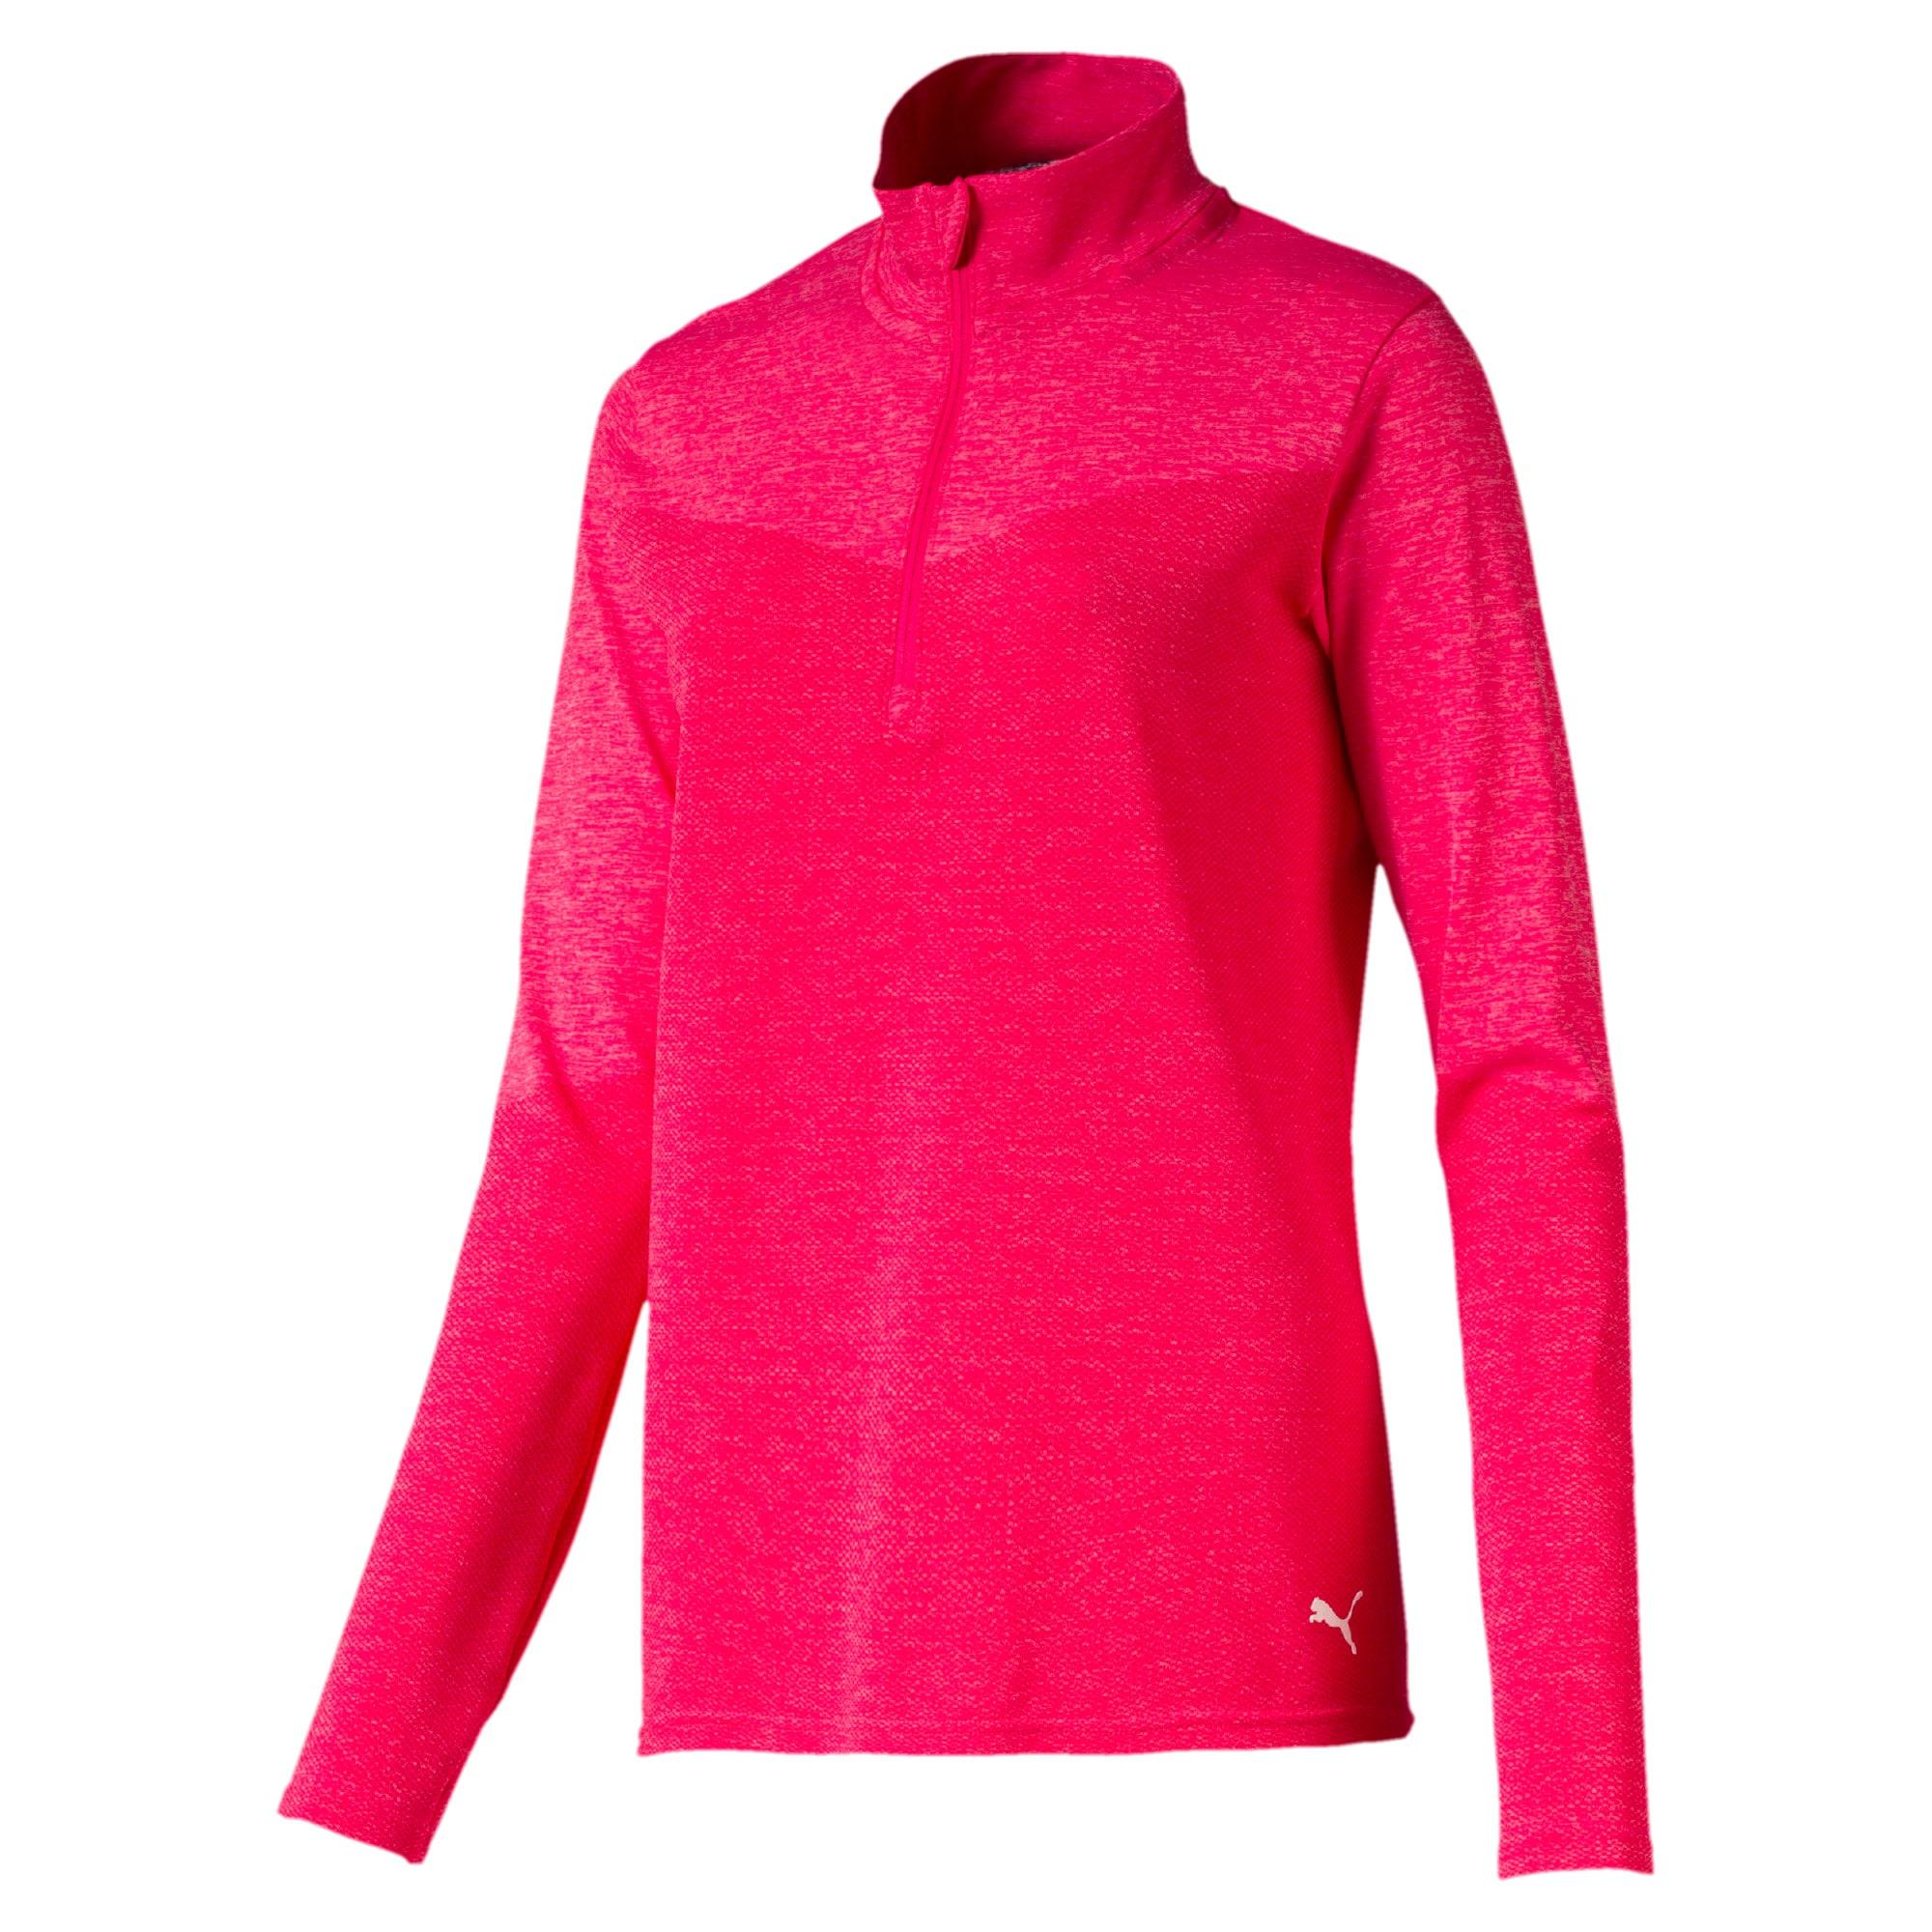 Thumbnail 5 of evoKNIT 1/4 Zip Women's Golf Pullover, Azalea Heather, medium